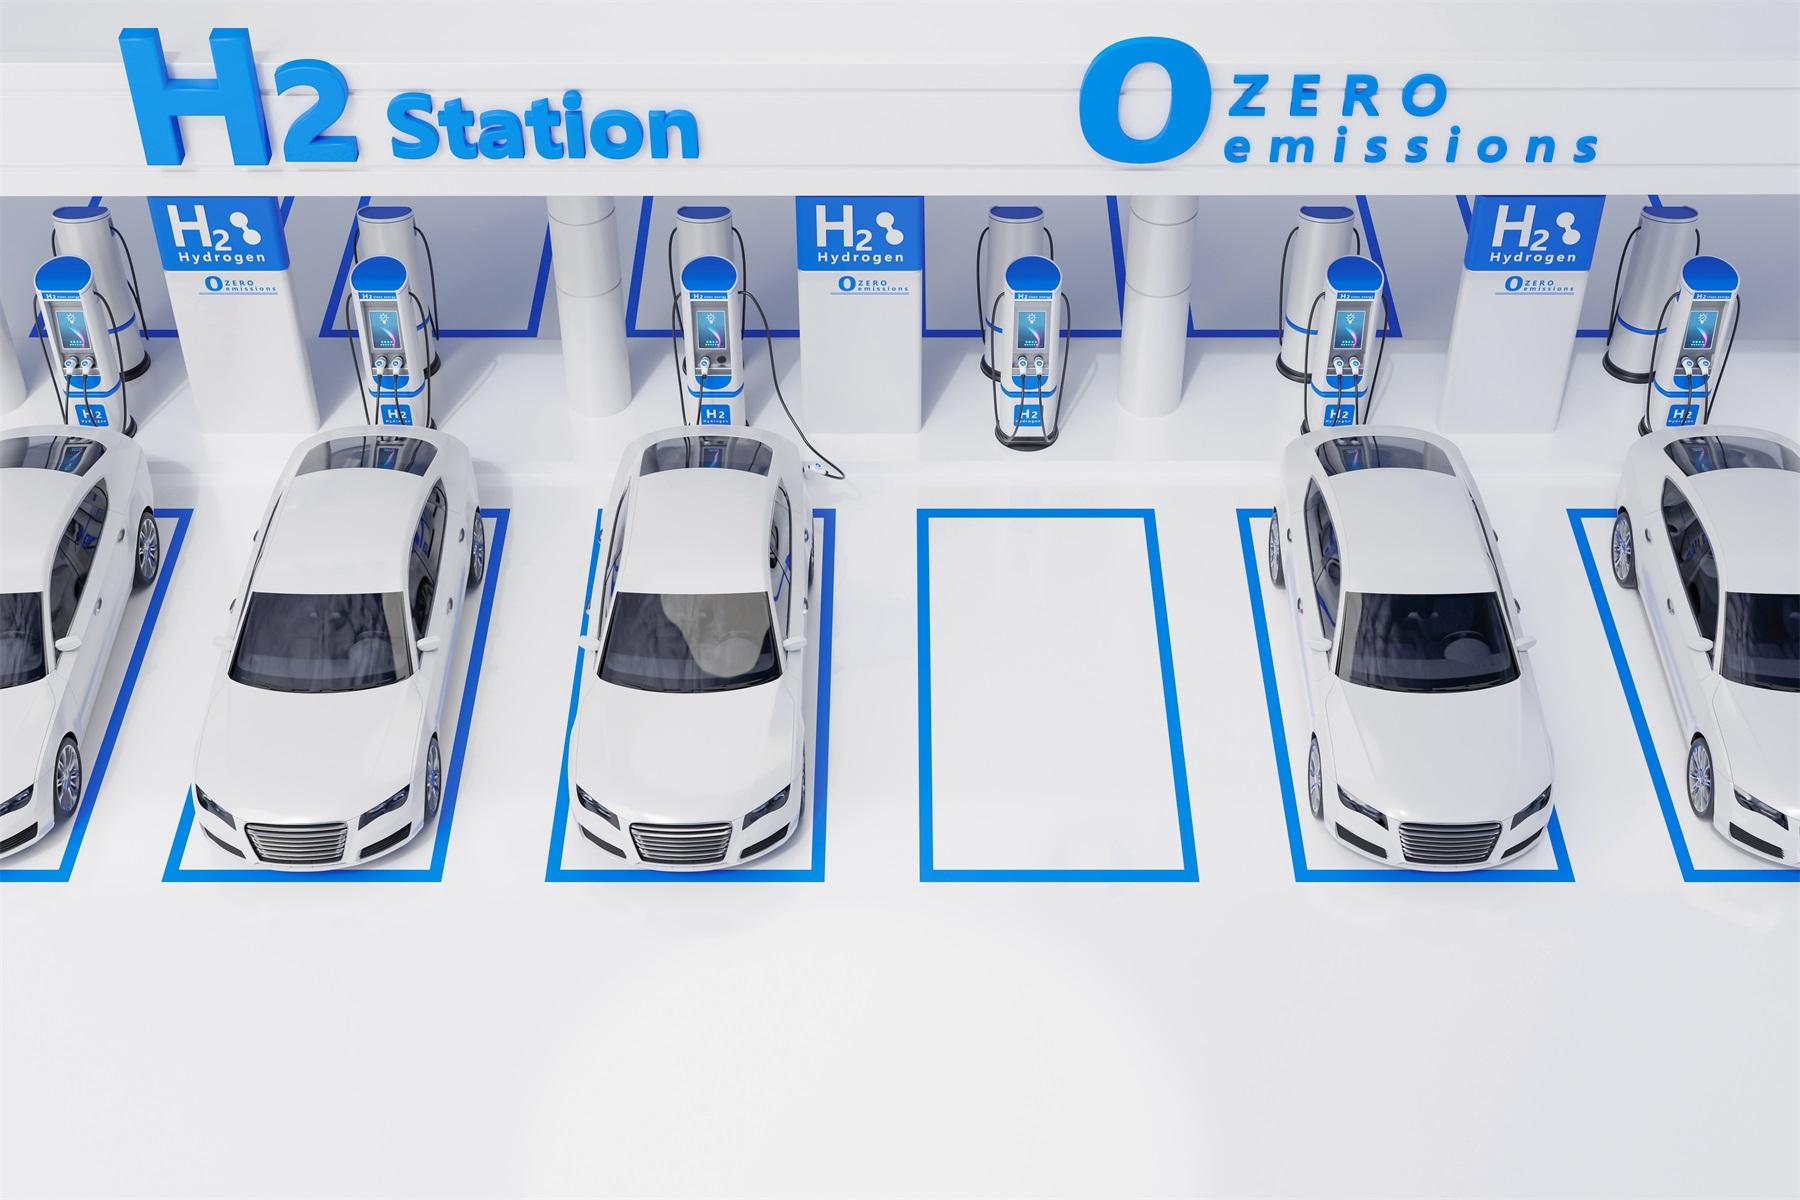 19款高清新能源汽车充电桩充电站汽车充电JPG图片设计素材 Charging Pile Picture插图11